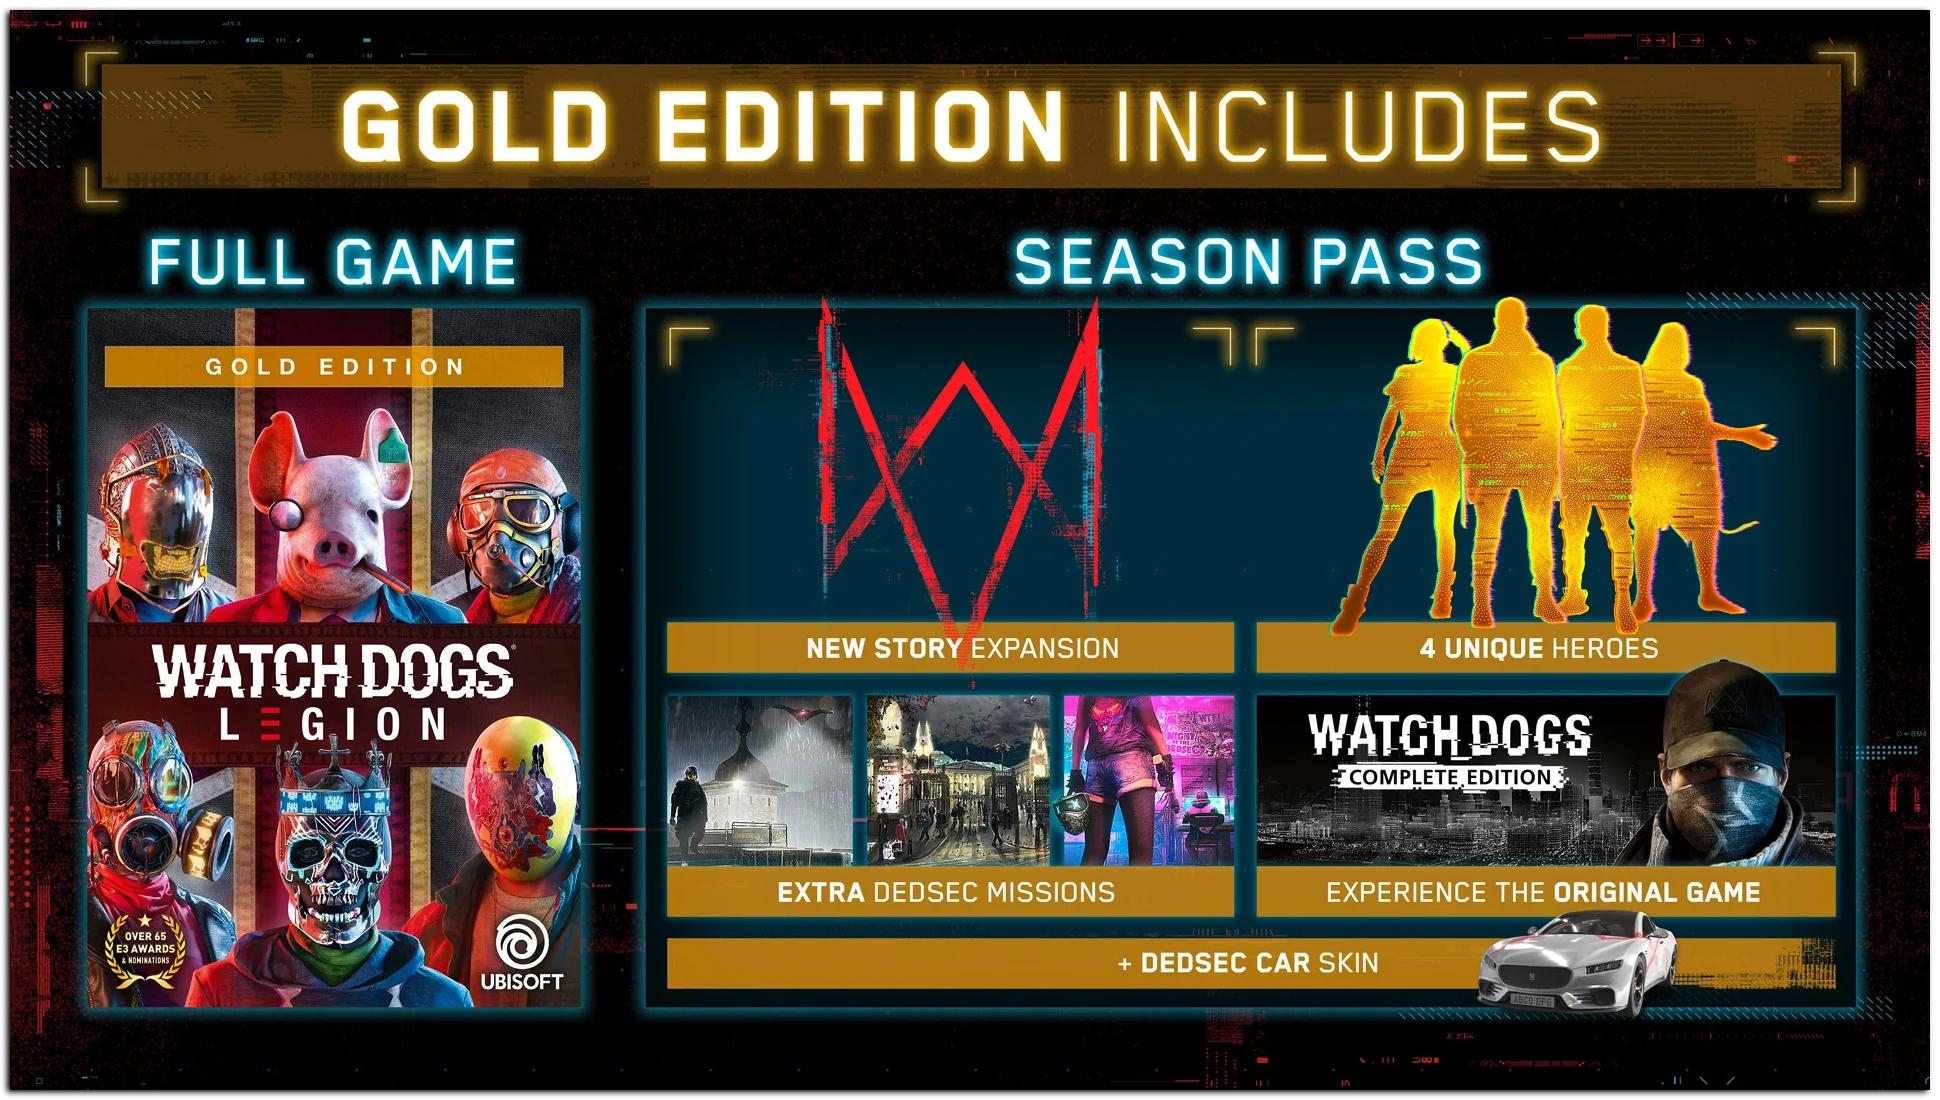 سیزن پس بازی Watch Dogs: Legion شامل اولین نسخه از این فرنچایز خواهد بود 5